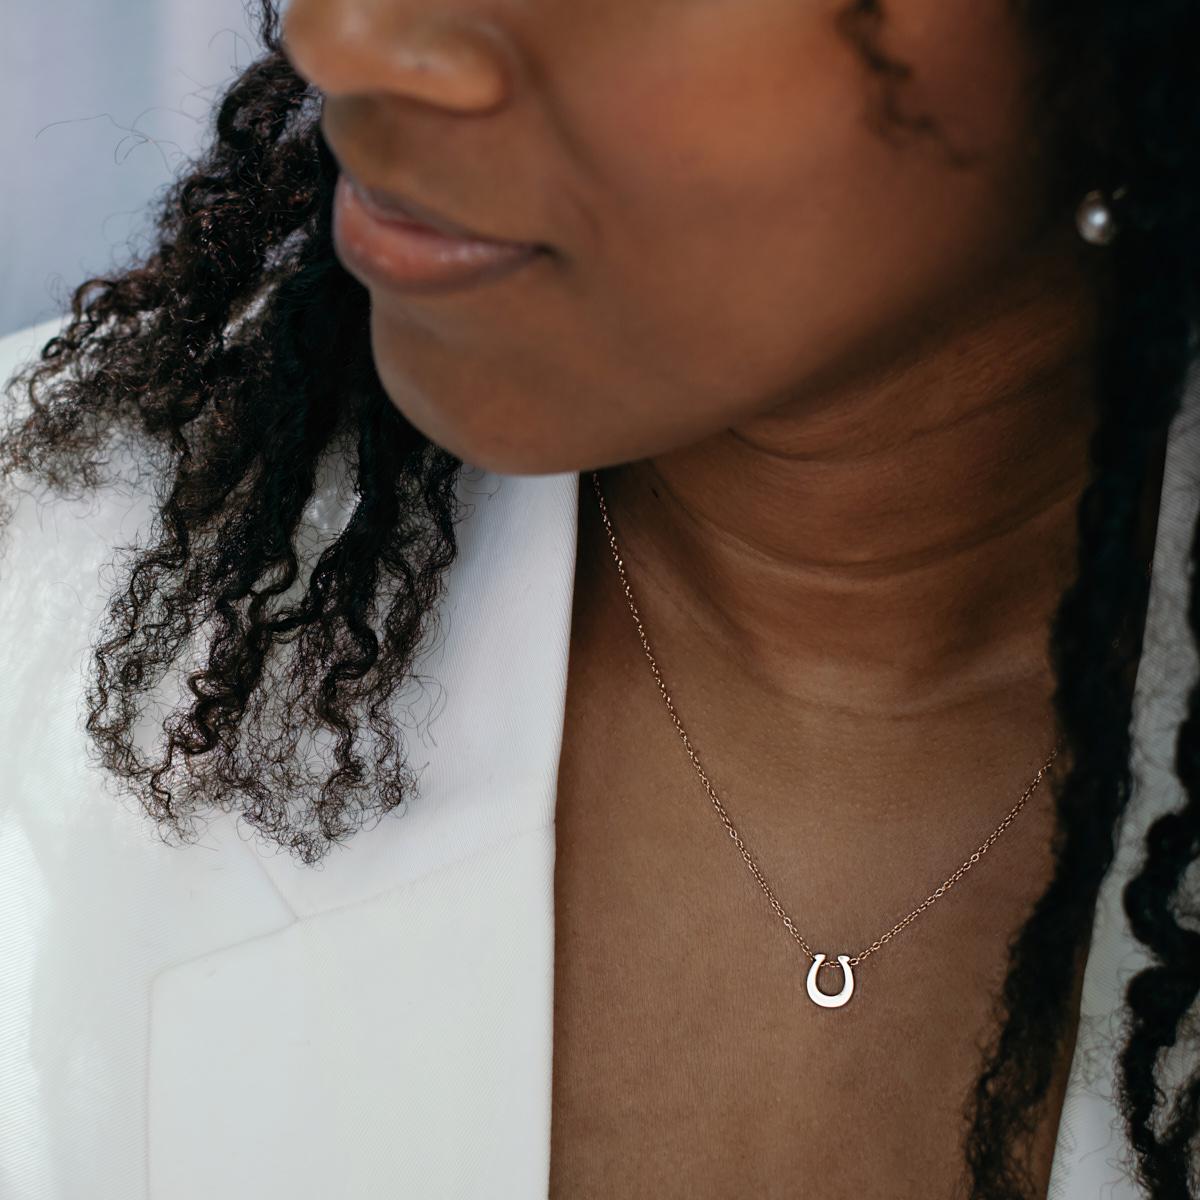 Lauss ペアネックレス つけっぱなしok 刻印無料 ホースシュー イニシャル・記念日彫刻 ステンレス ペアペンダント 【メール便対応】 opp00056 mail